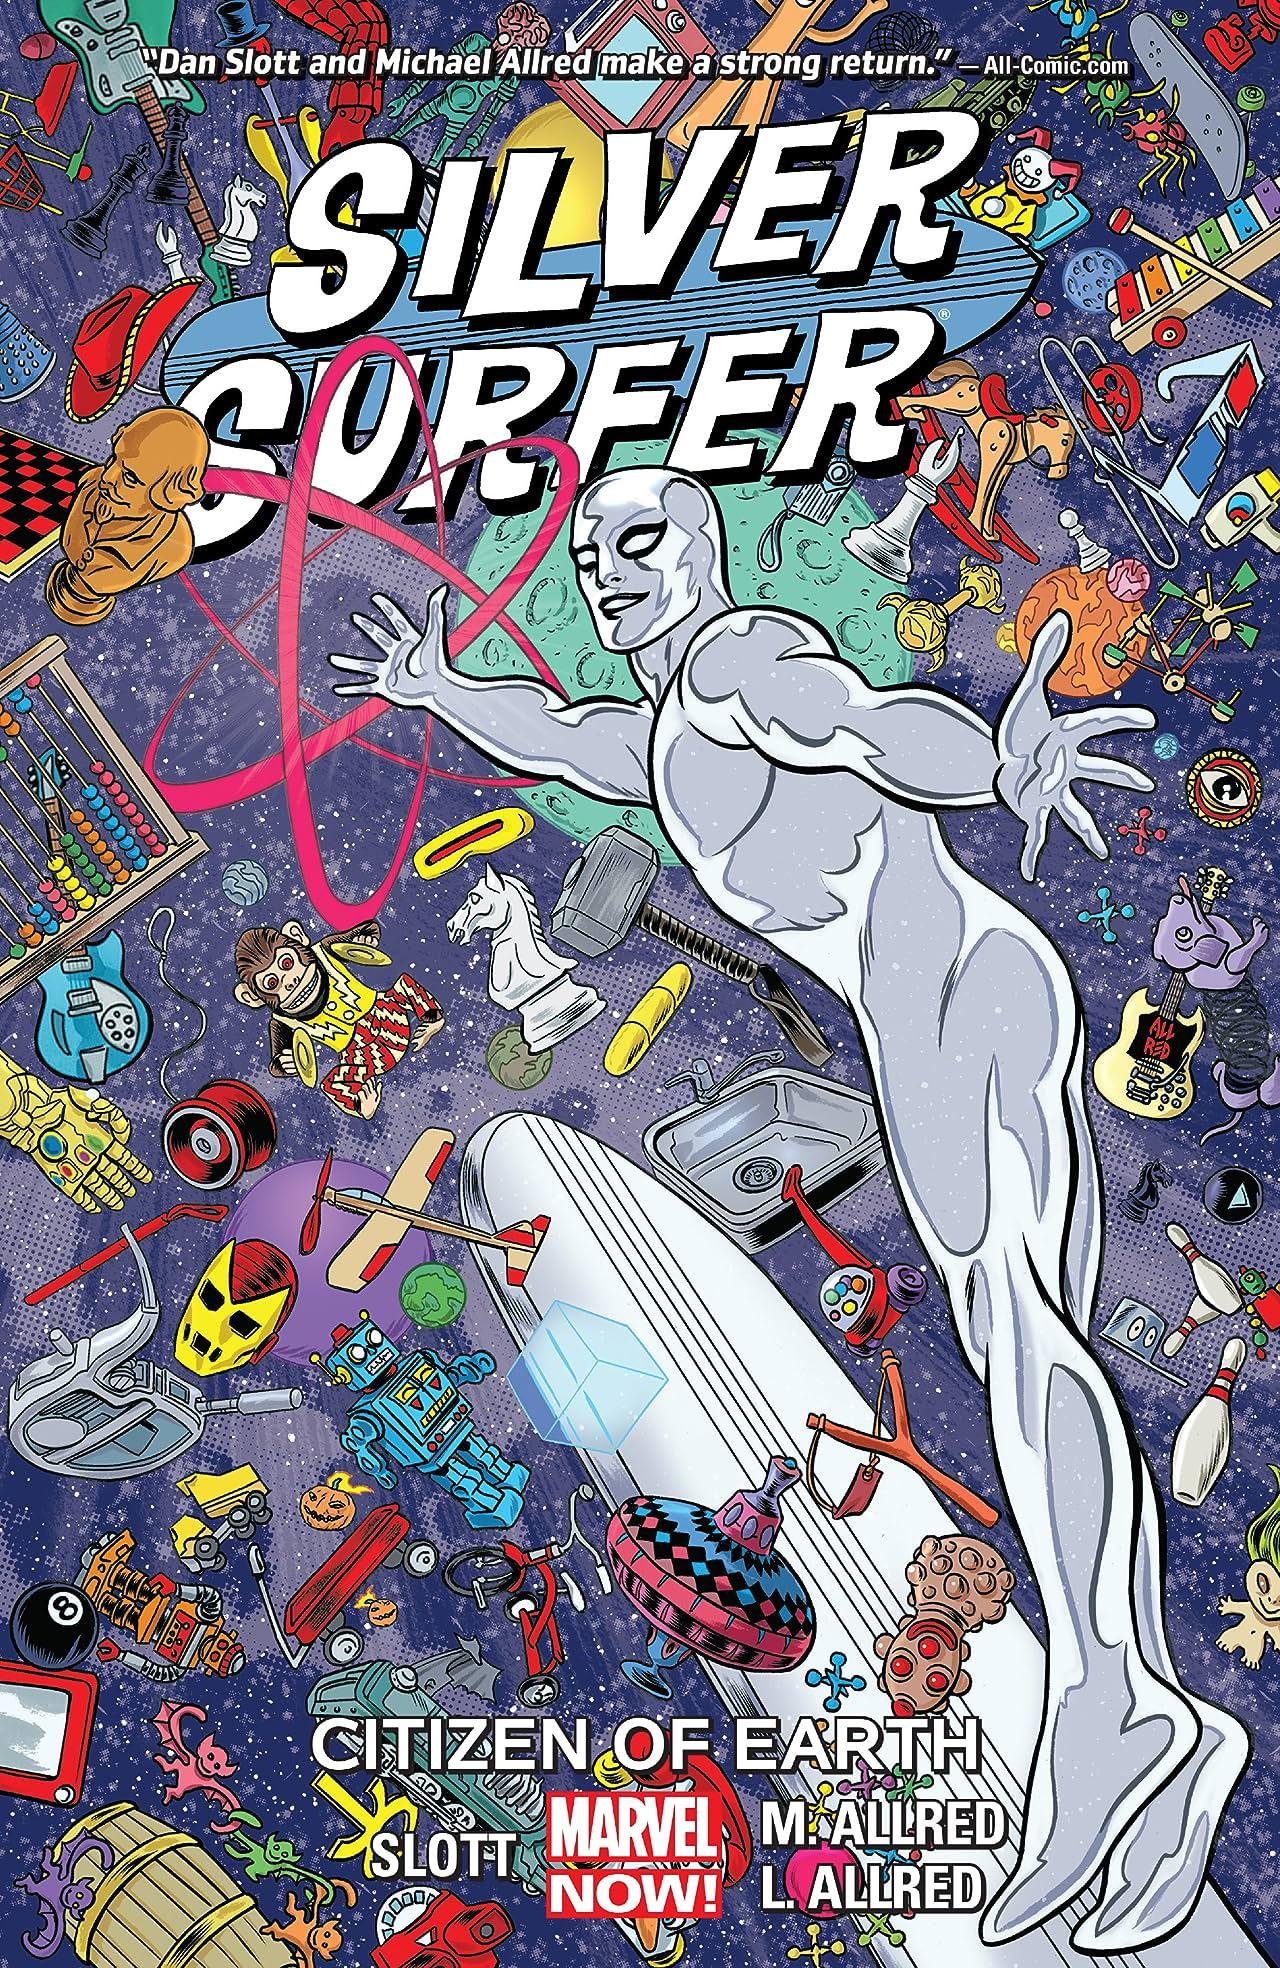 Silver Surfer Vol. 4: Citizen of Earth